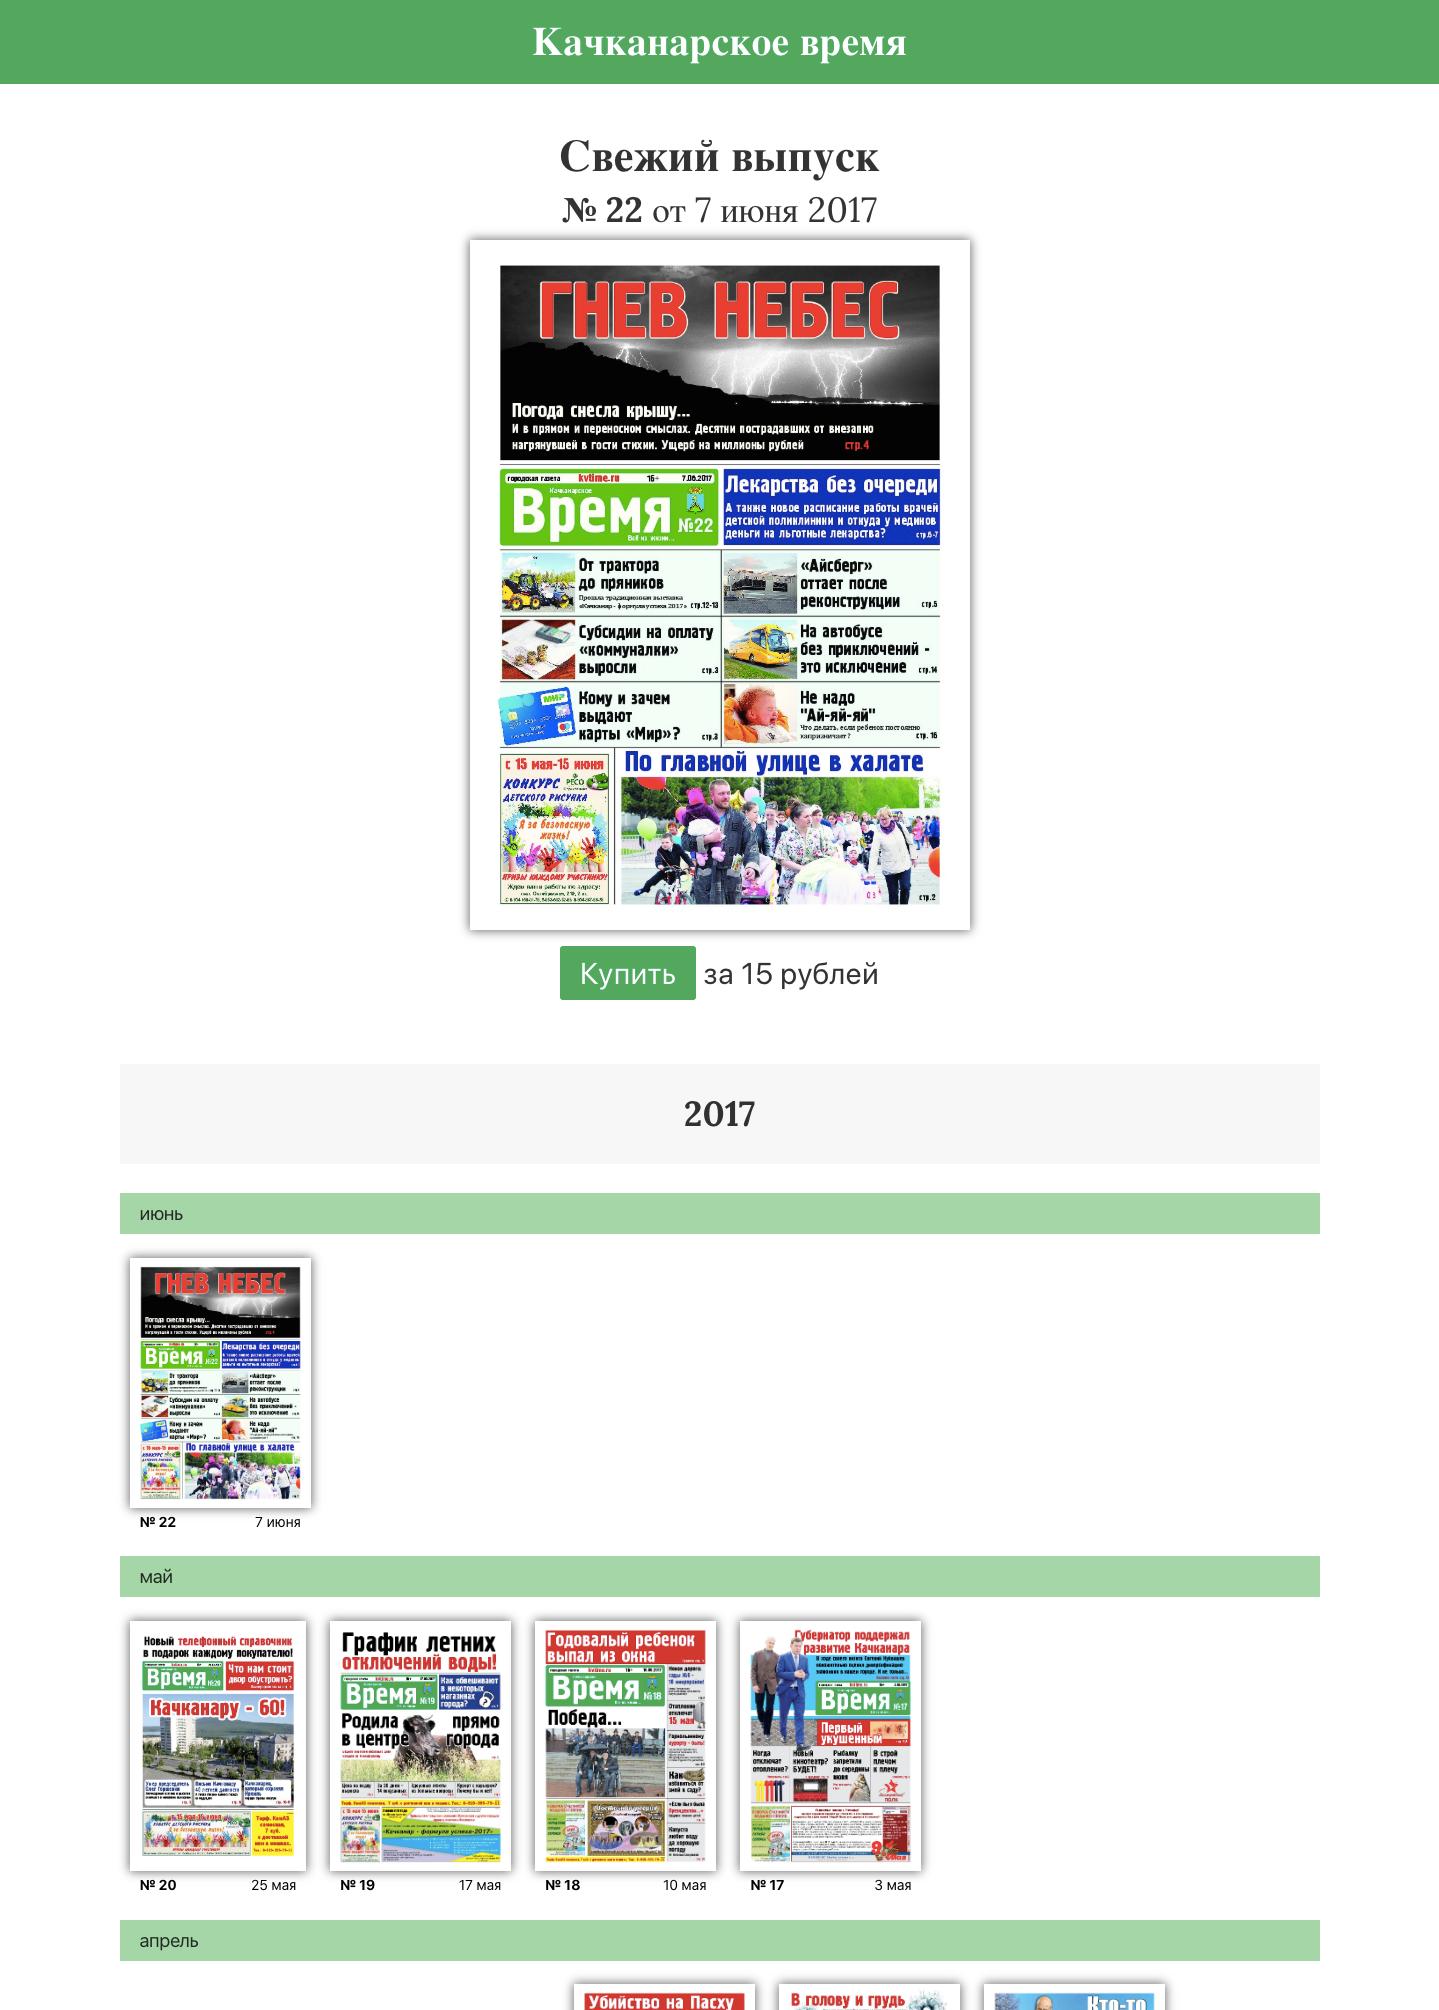 Сайт газеты «Качканарское время»